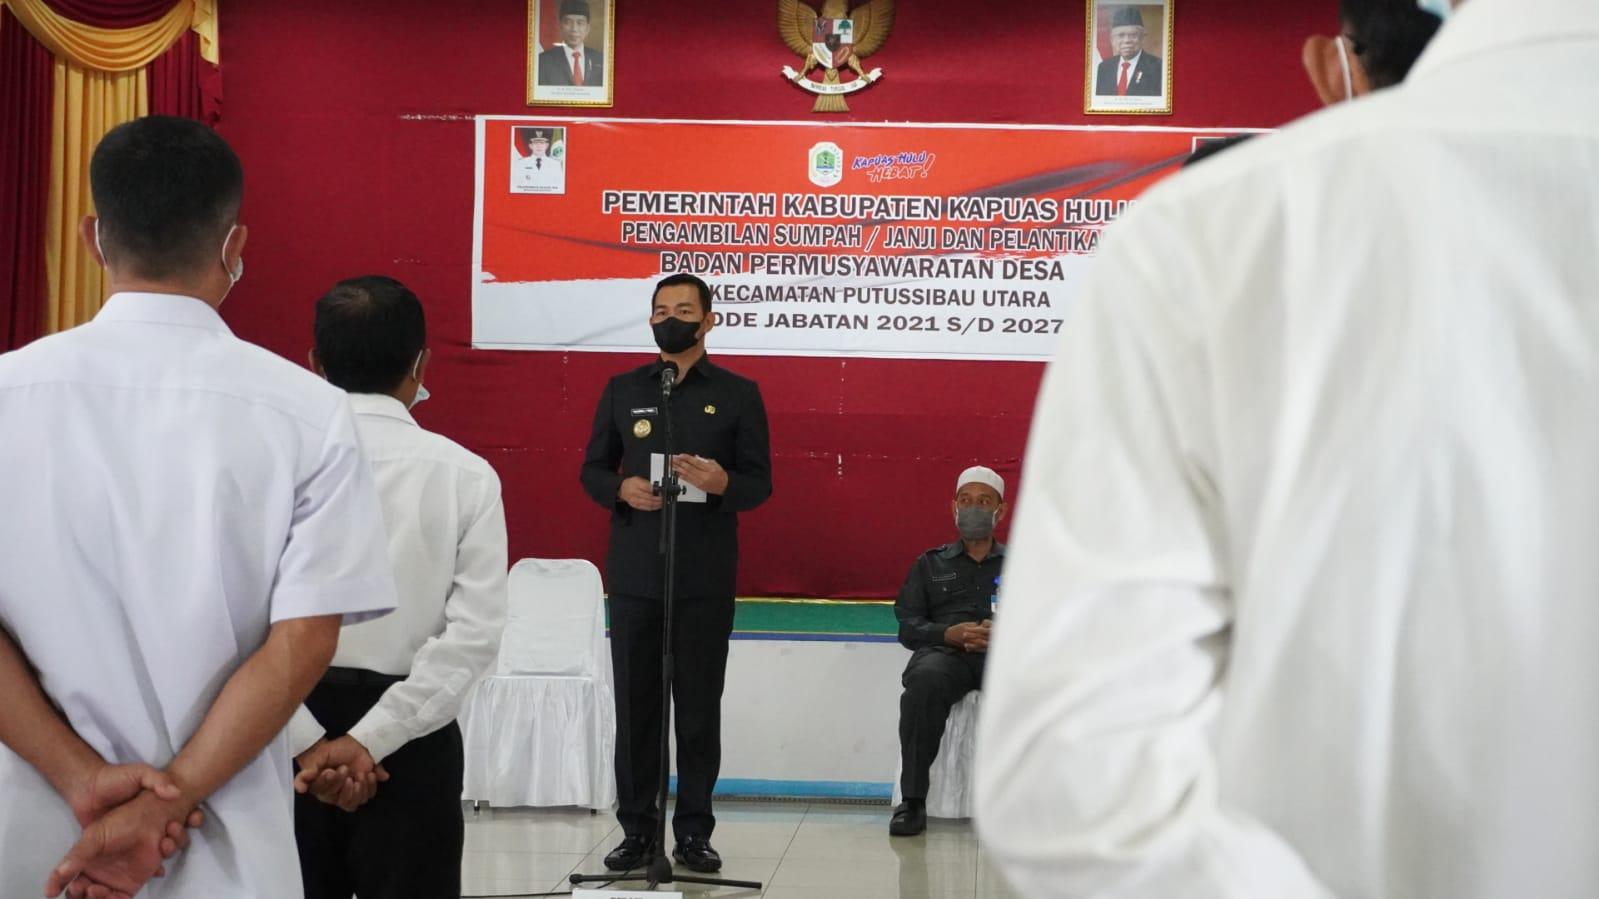 Bupati Kapuas Hulu Lantik Anggota BPD se Kecamatan Putussibau Utara